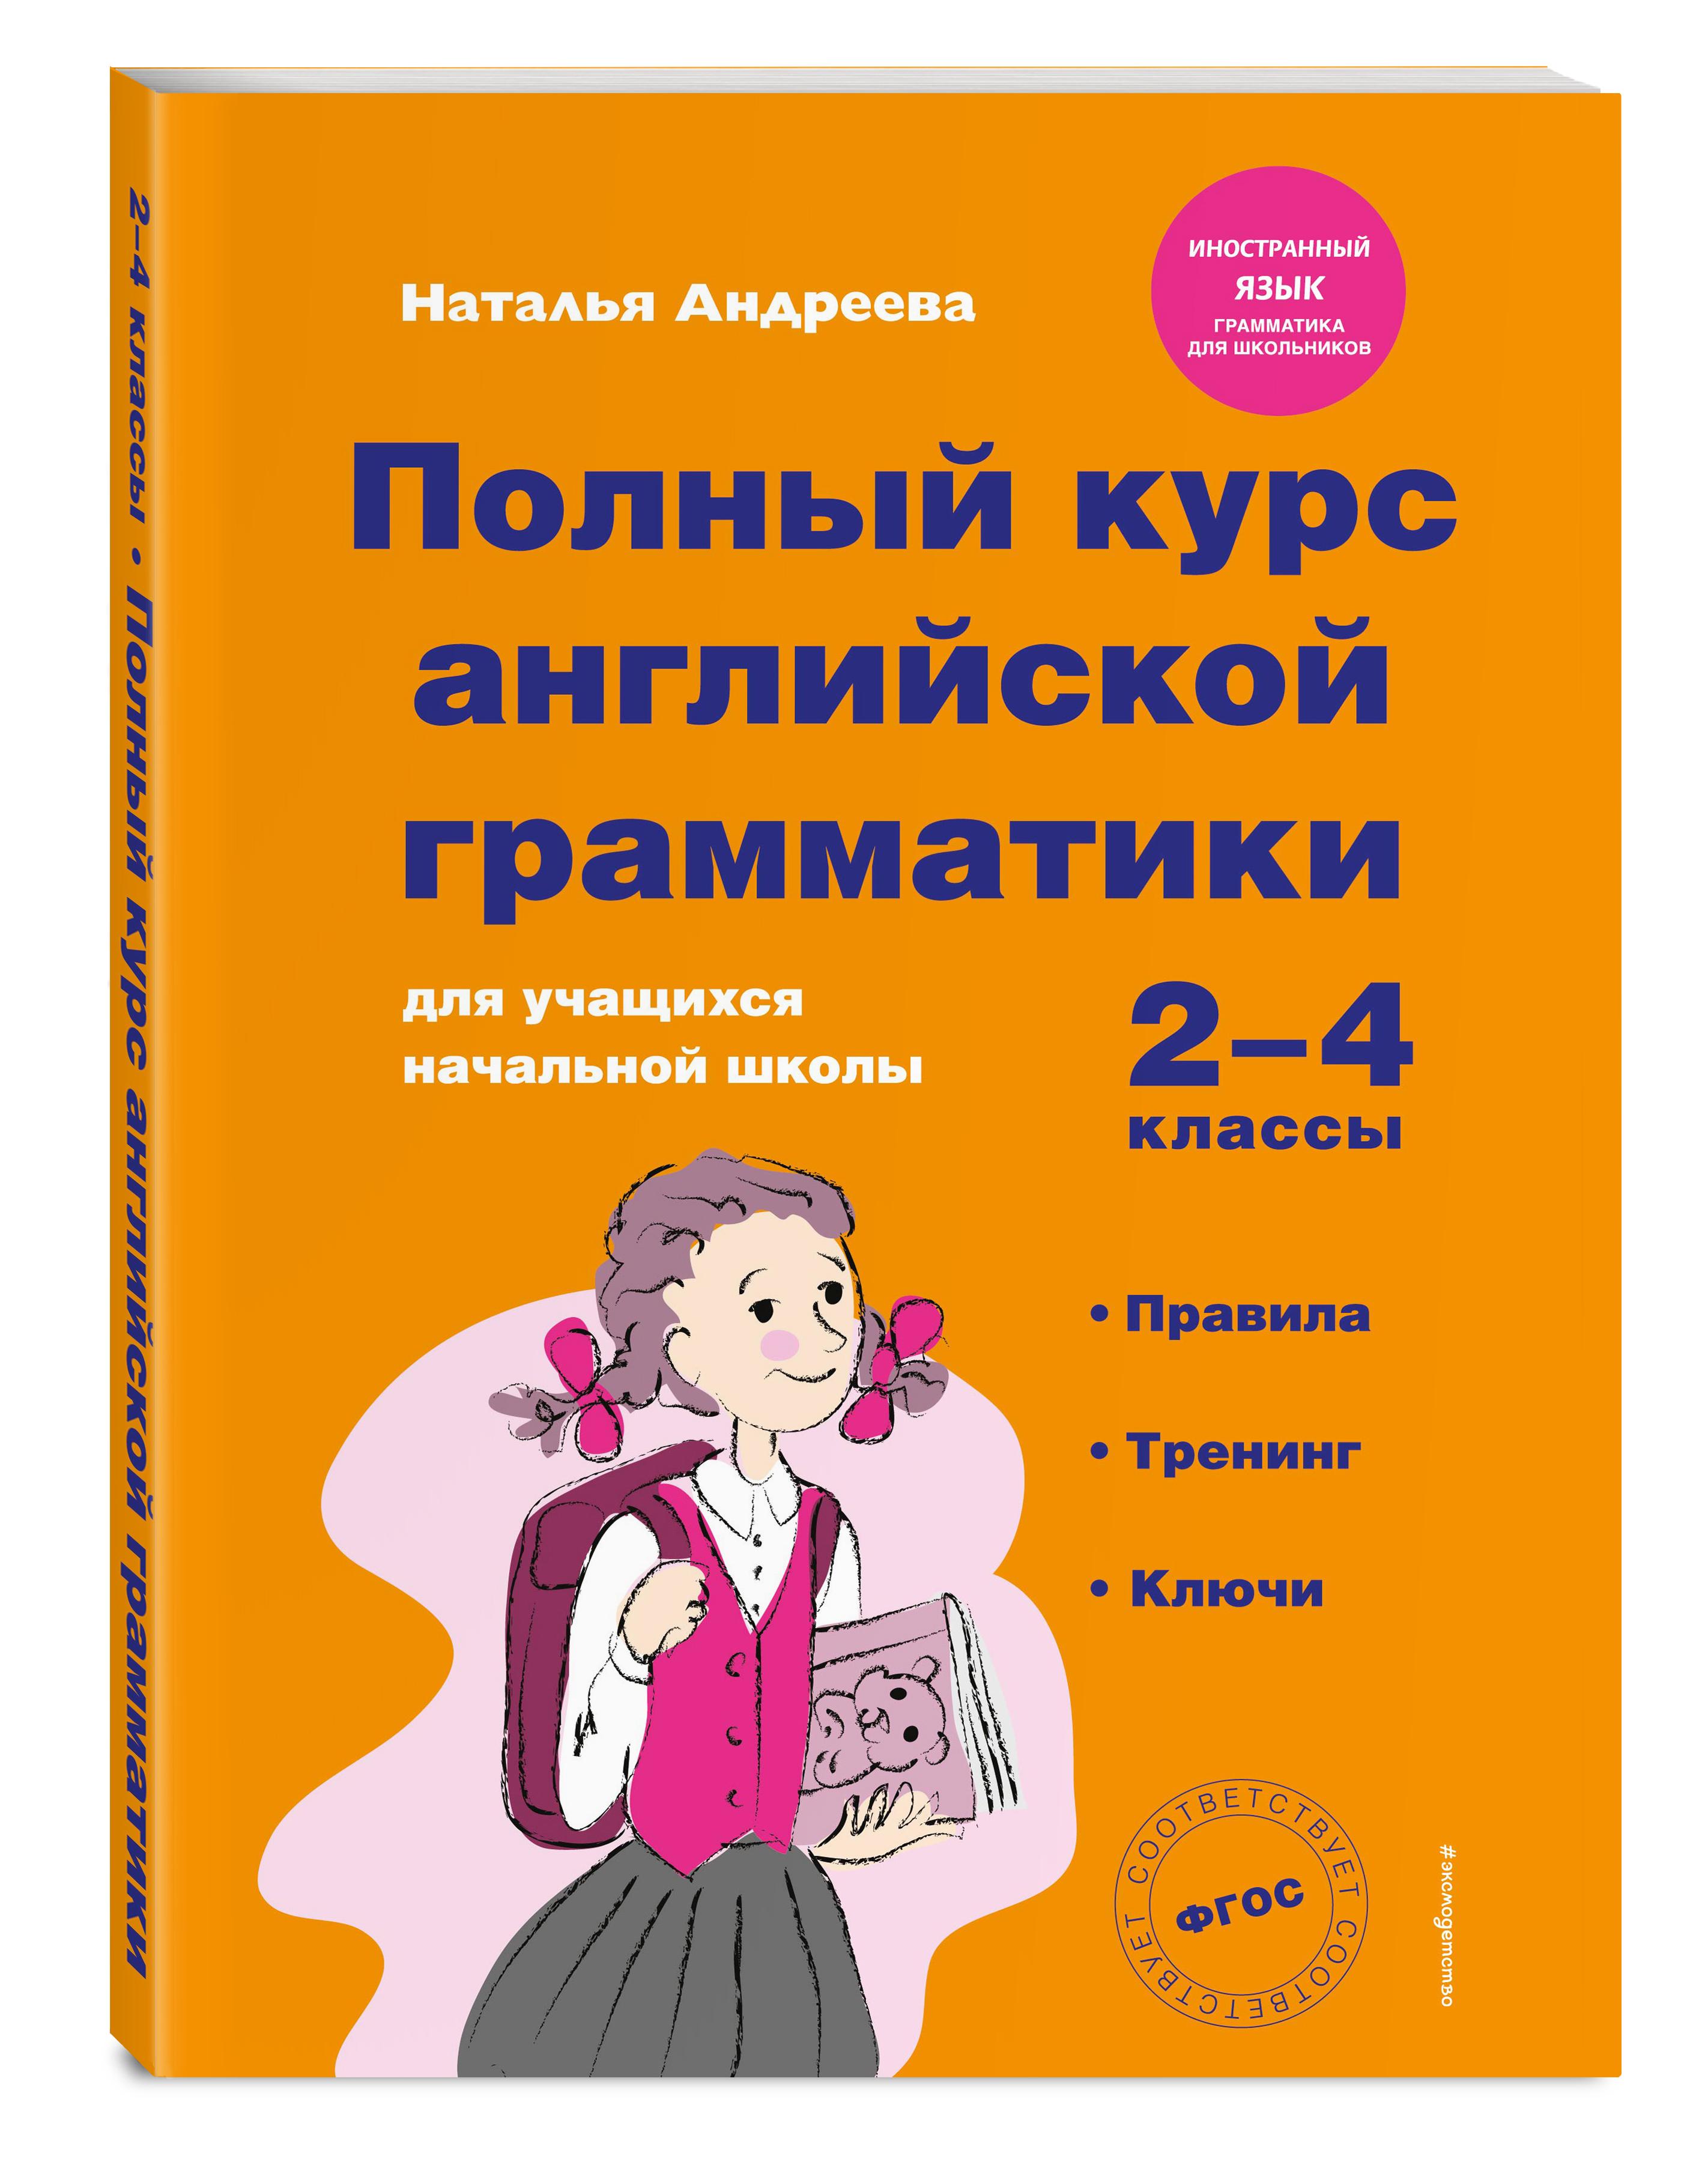 Андреева Наталья Полный курс английской грамматики для учащихся начальной школы. 2-4 классы андреева н полный курс английской грамматики для учащихся начальной школы 2 4 классы